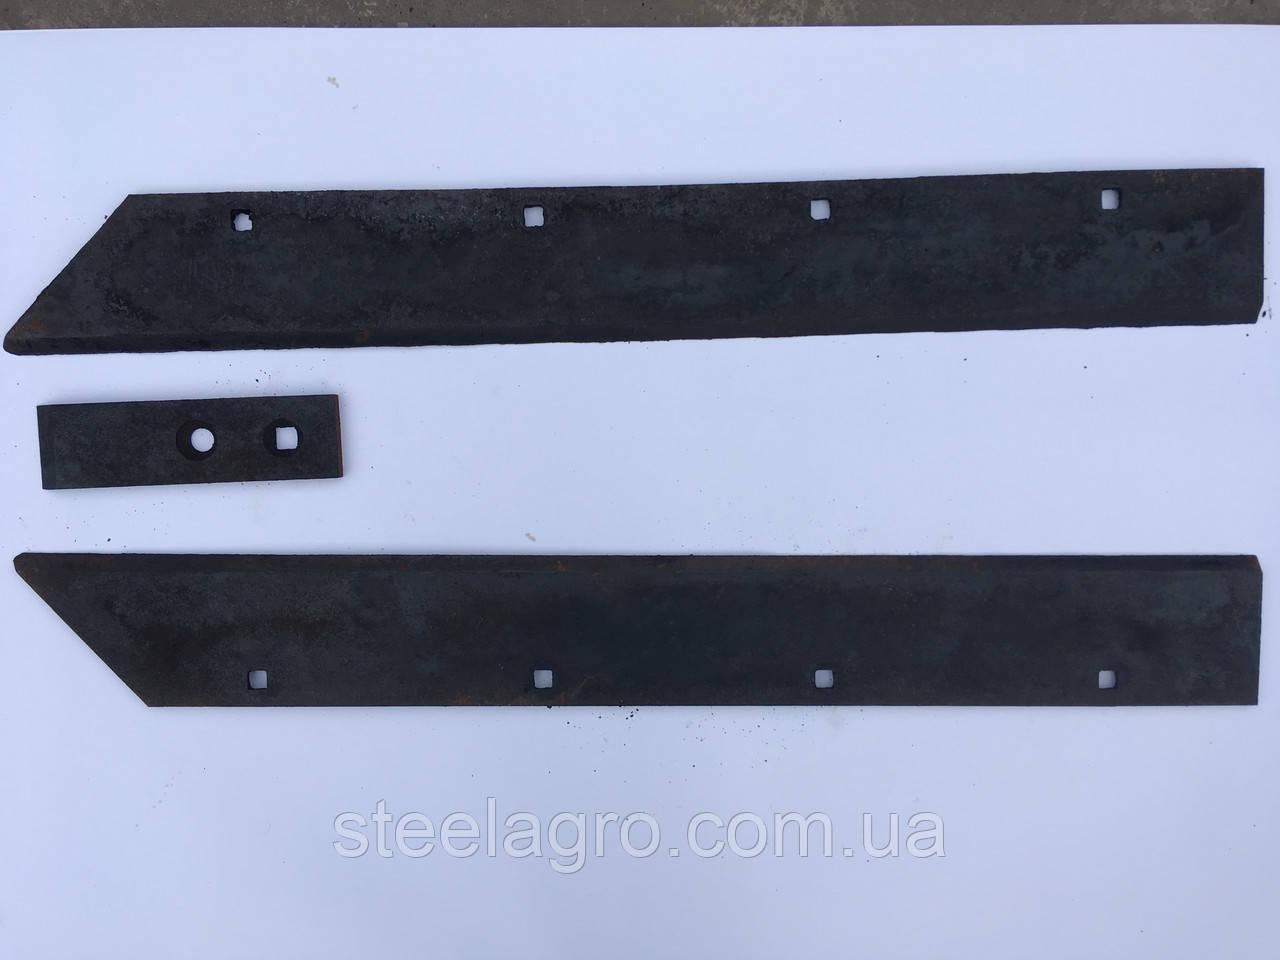 Ножи КПШ (комплект)